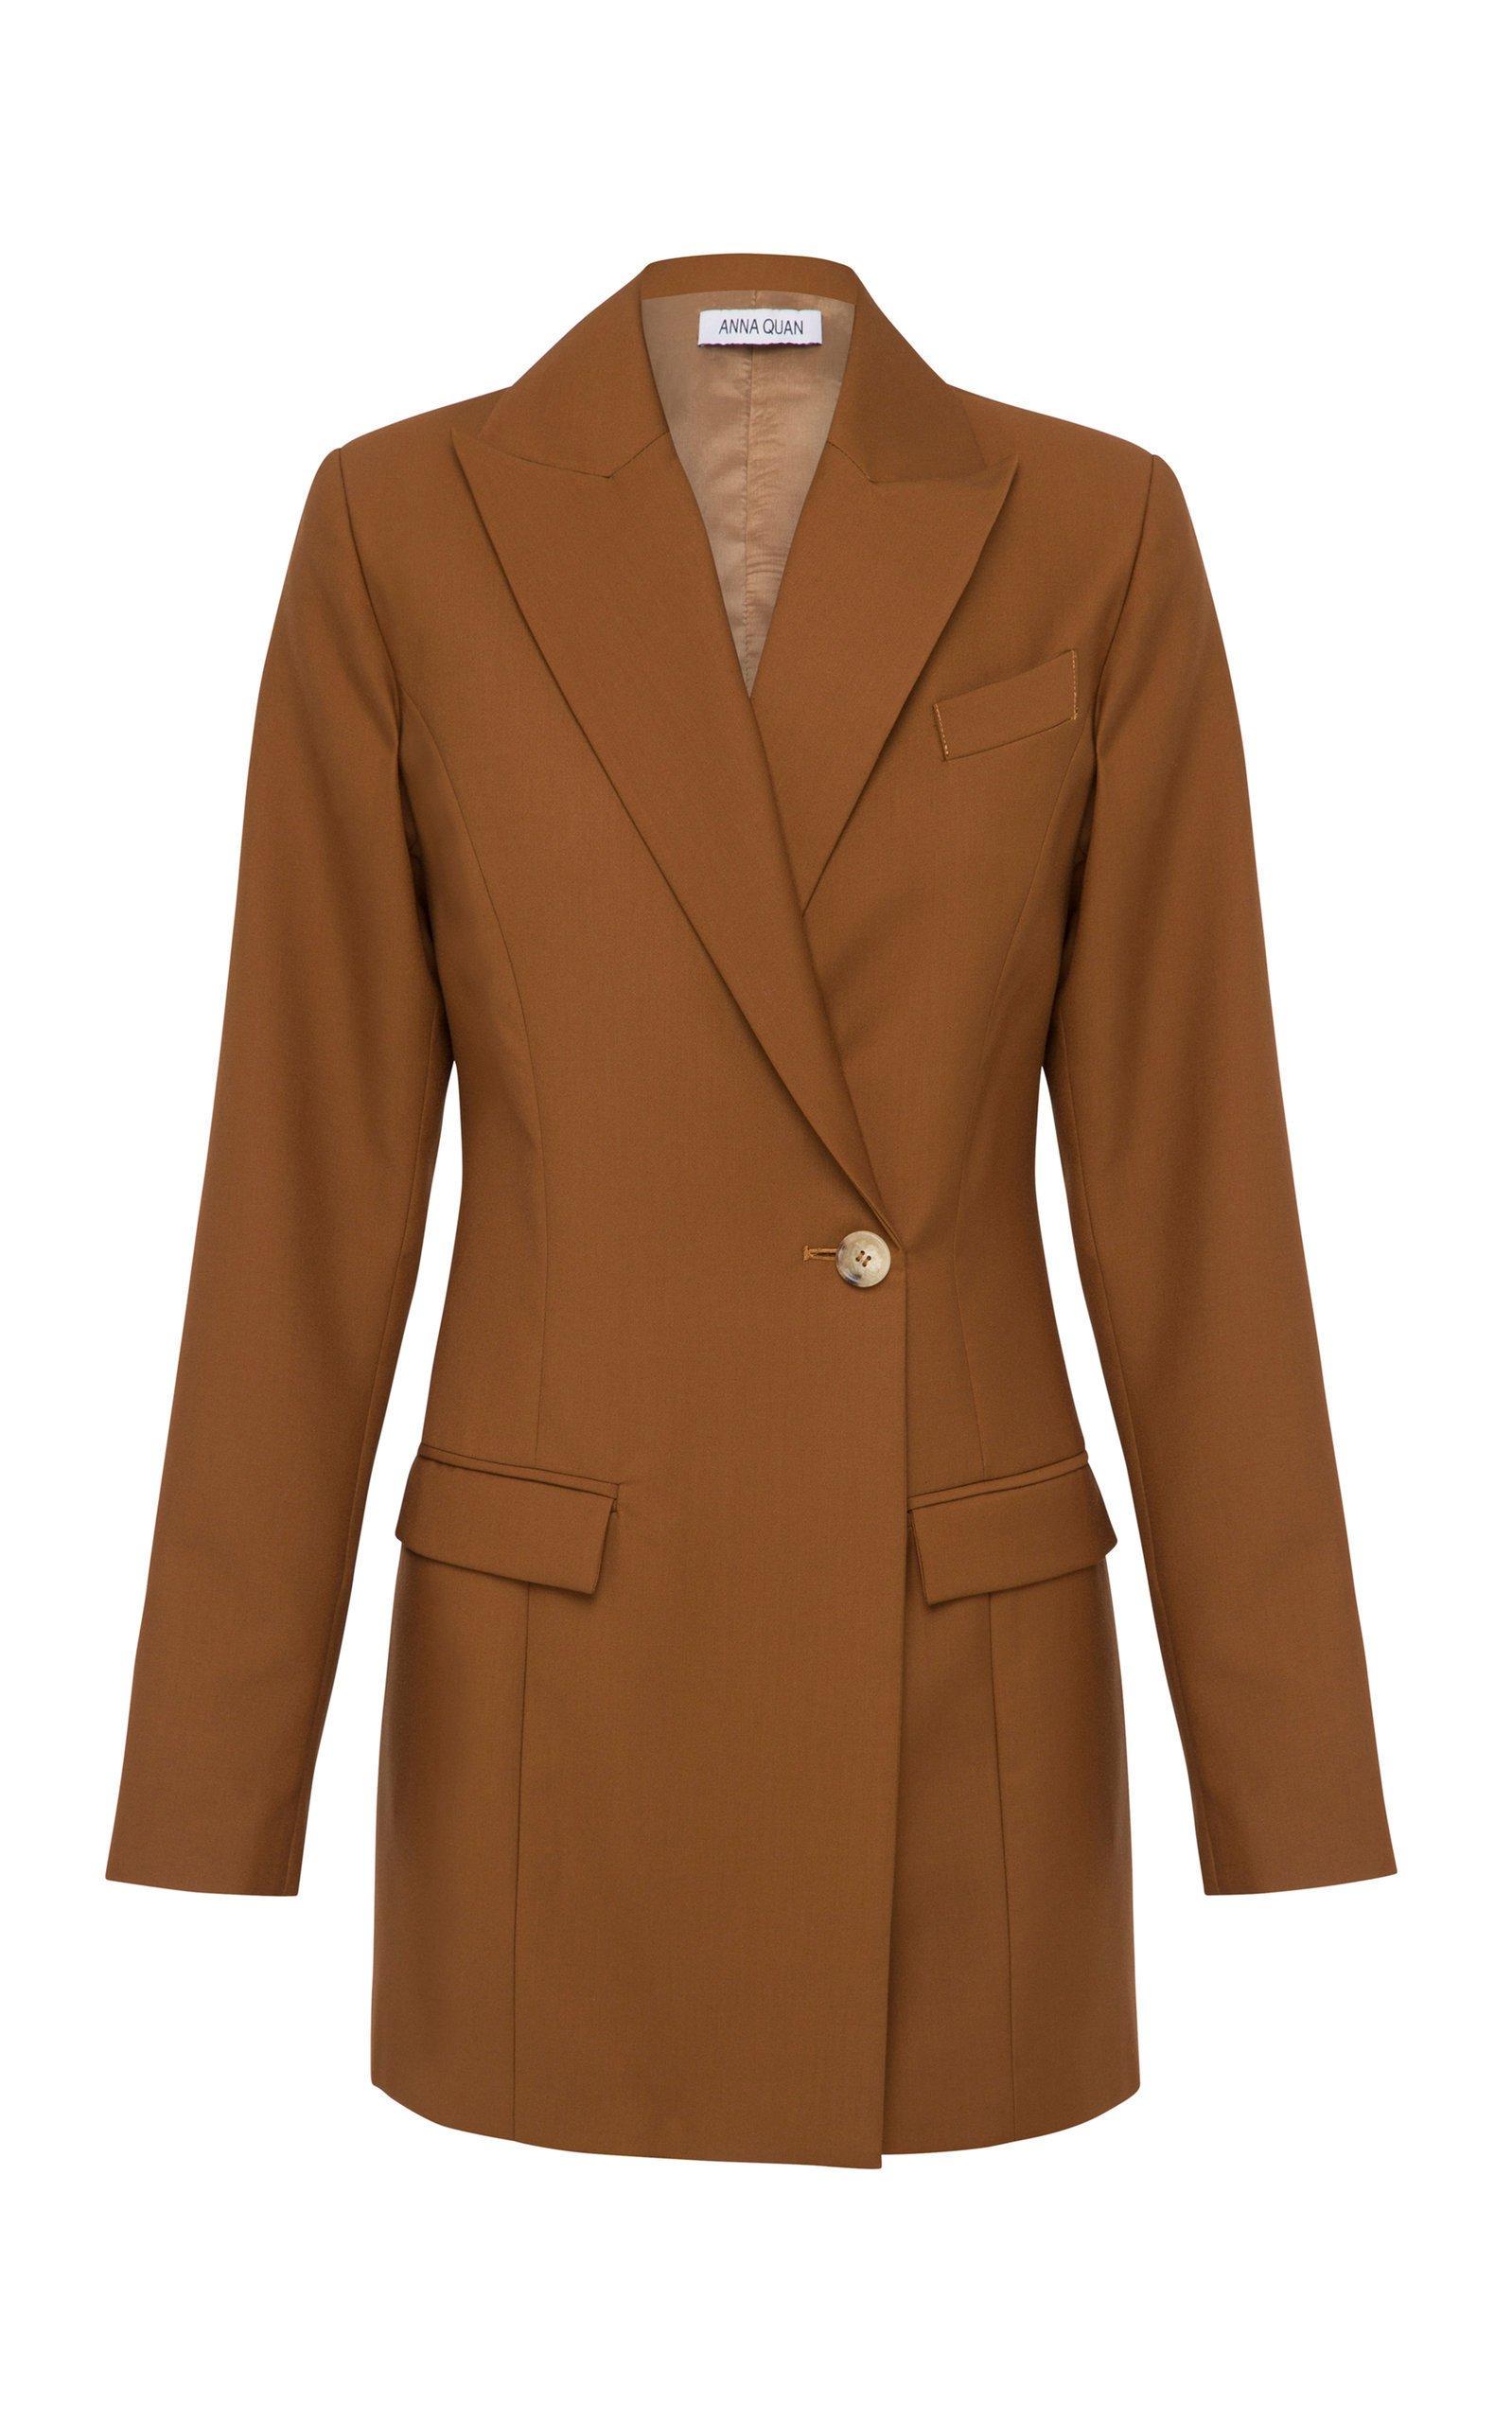 Anna Quan Sienna Single Button Jacket